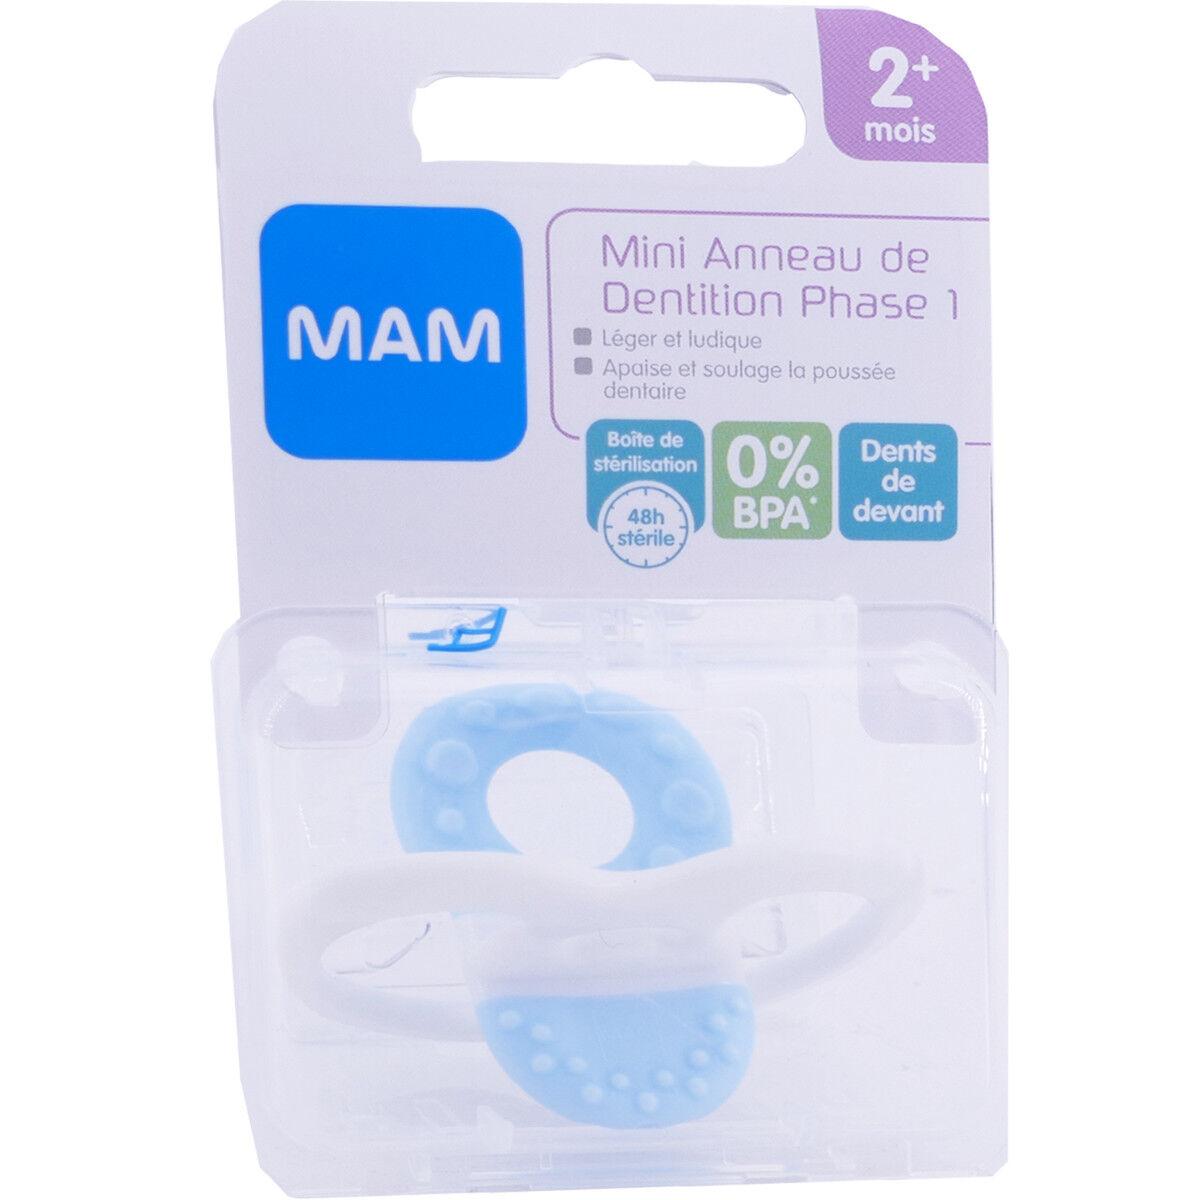 Mam mini anneau dentition phase 2+ mois